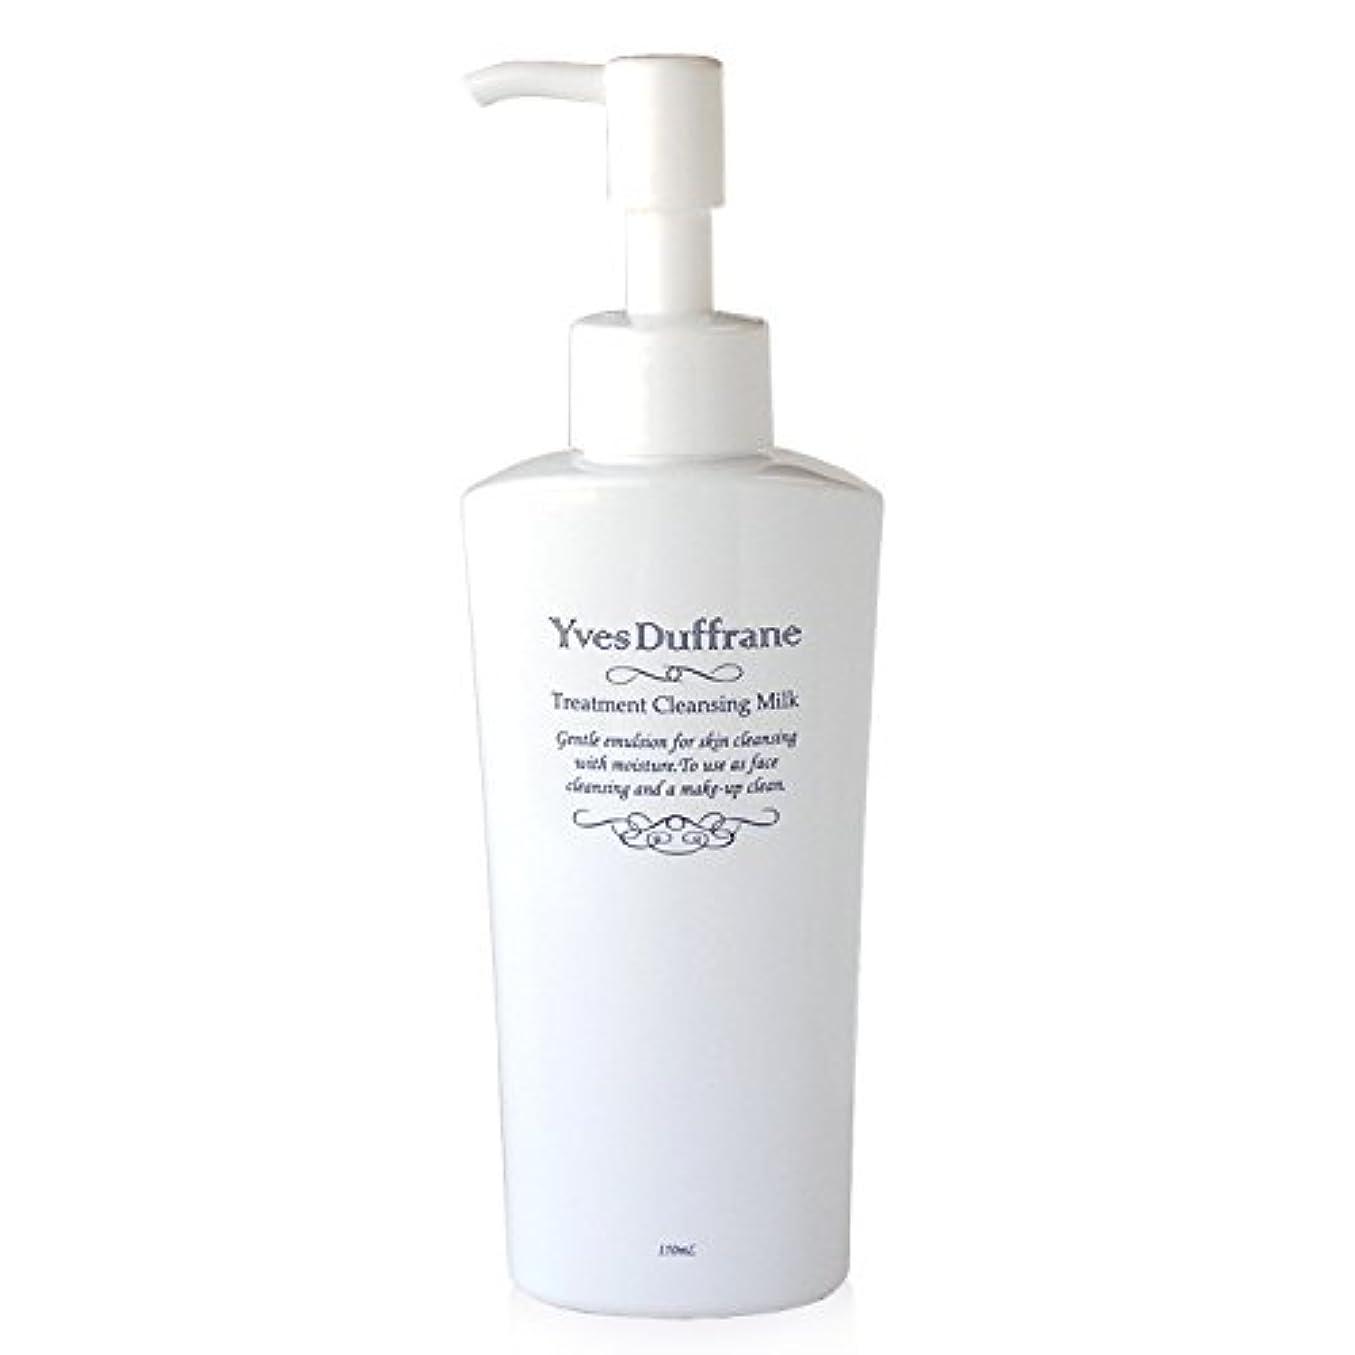 抵抗マリナーただクレンジングミルク W洗顔不要 [ セラミド 配合 トリートメント クレンジング ミルク ] 毛穴 敏感 乾燥肌